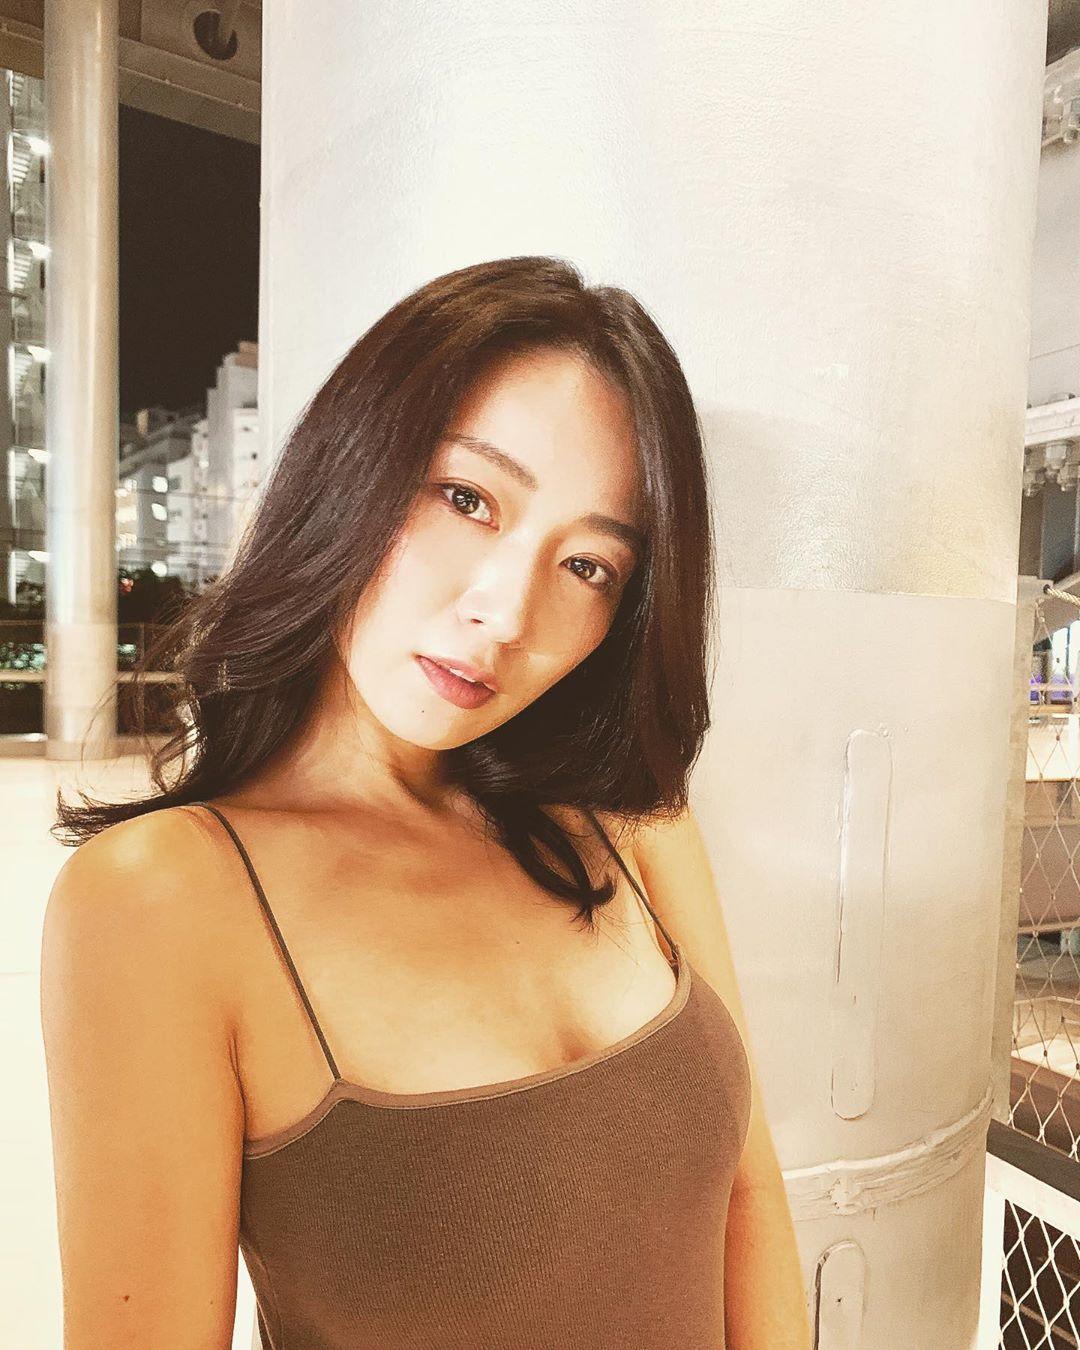 日本31岁女星阶户瑠李病逝,出演过《全裸导演》等作品 第4张